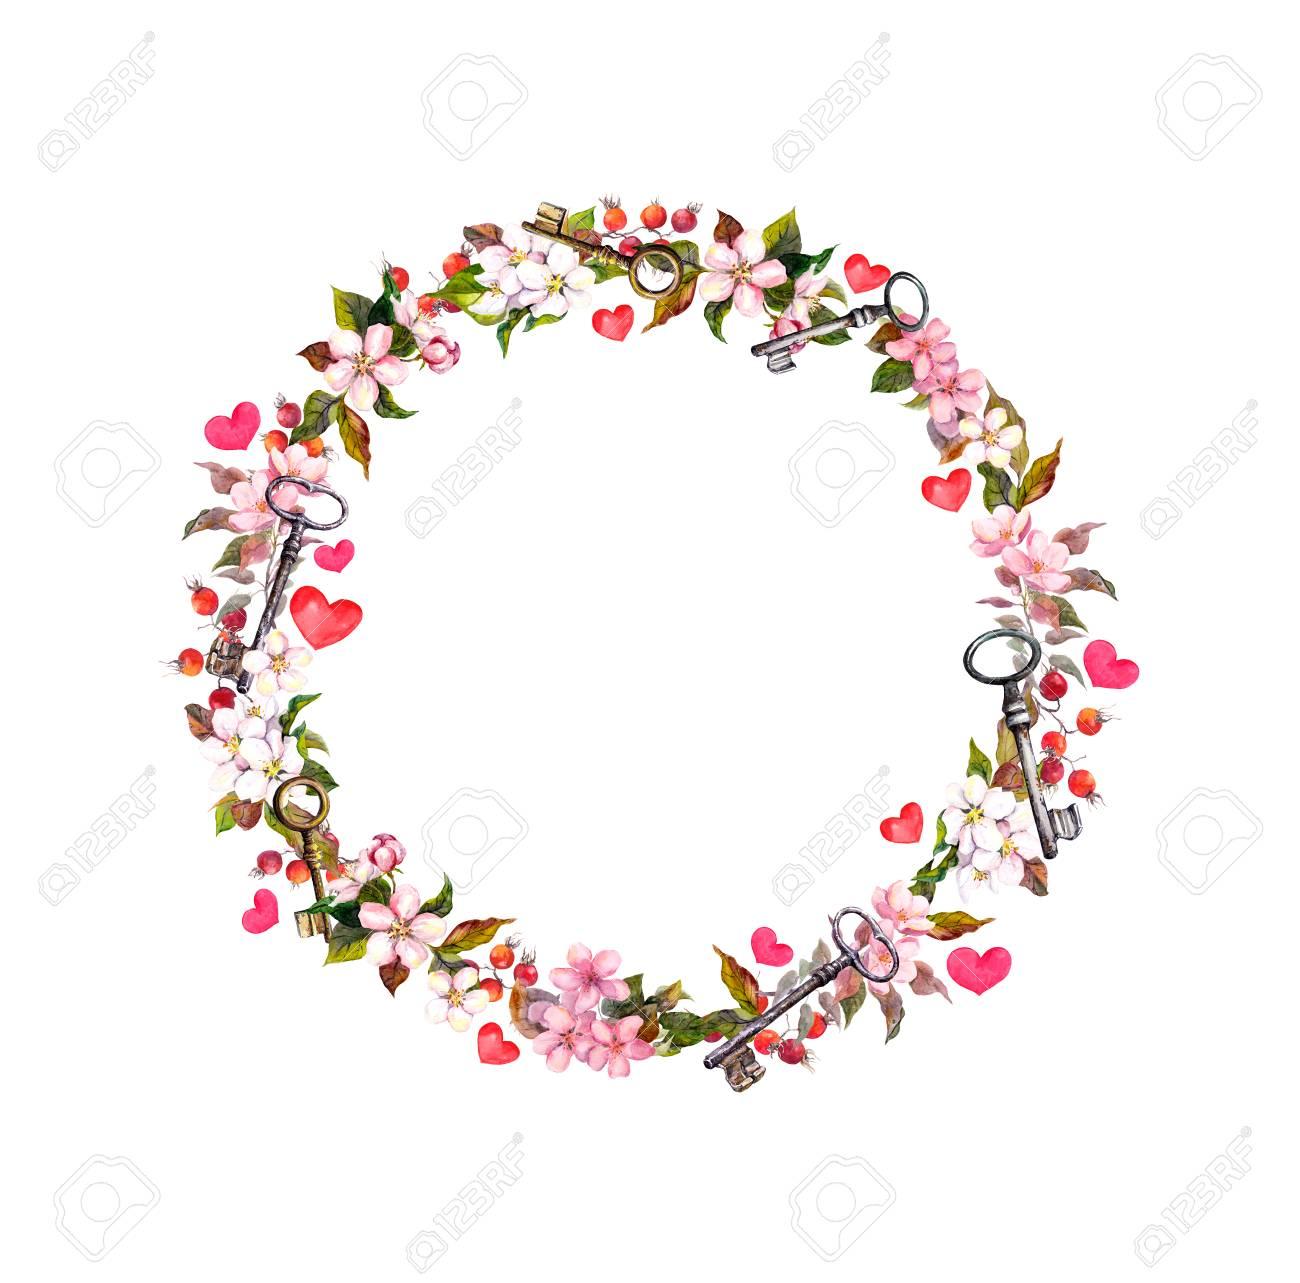 Blumenkranz Mit Rosa Blumen Herzen Schlussel Aquarell Kreisgrenze